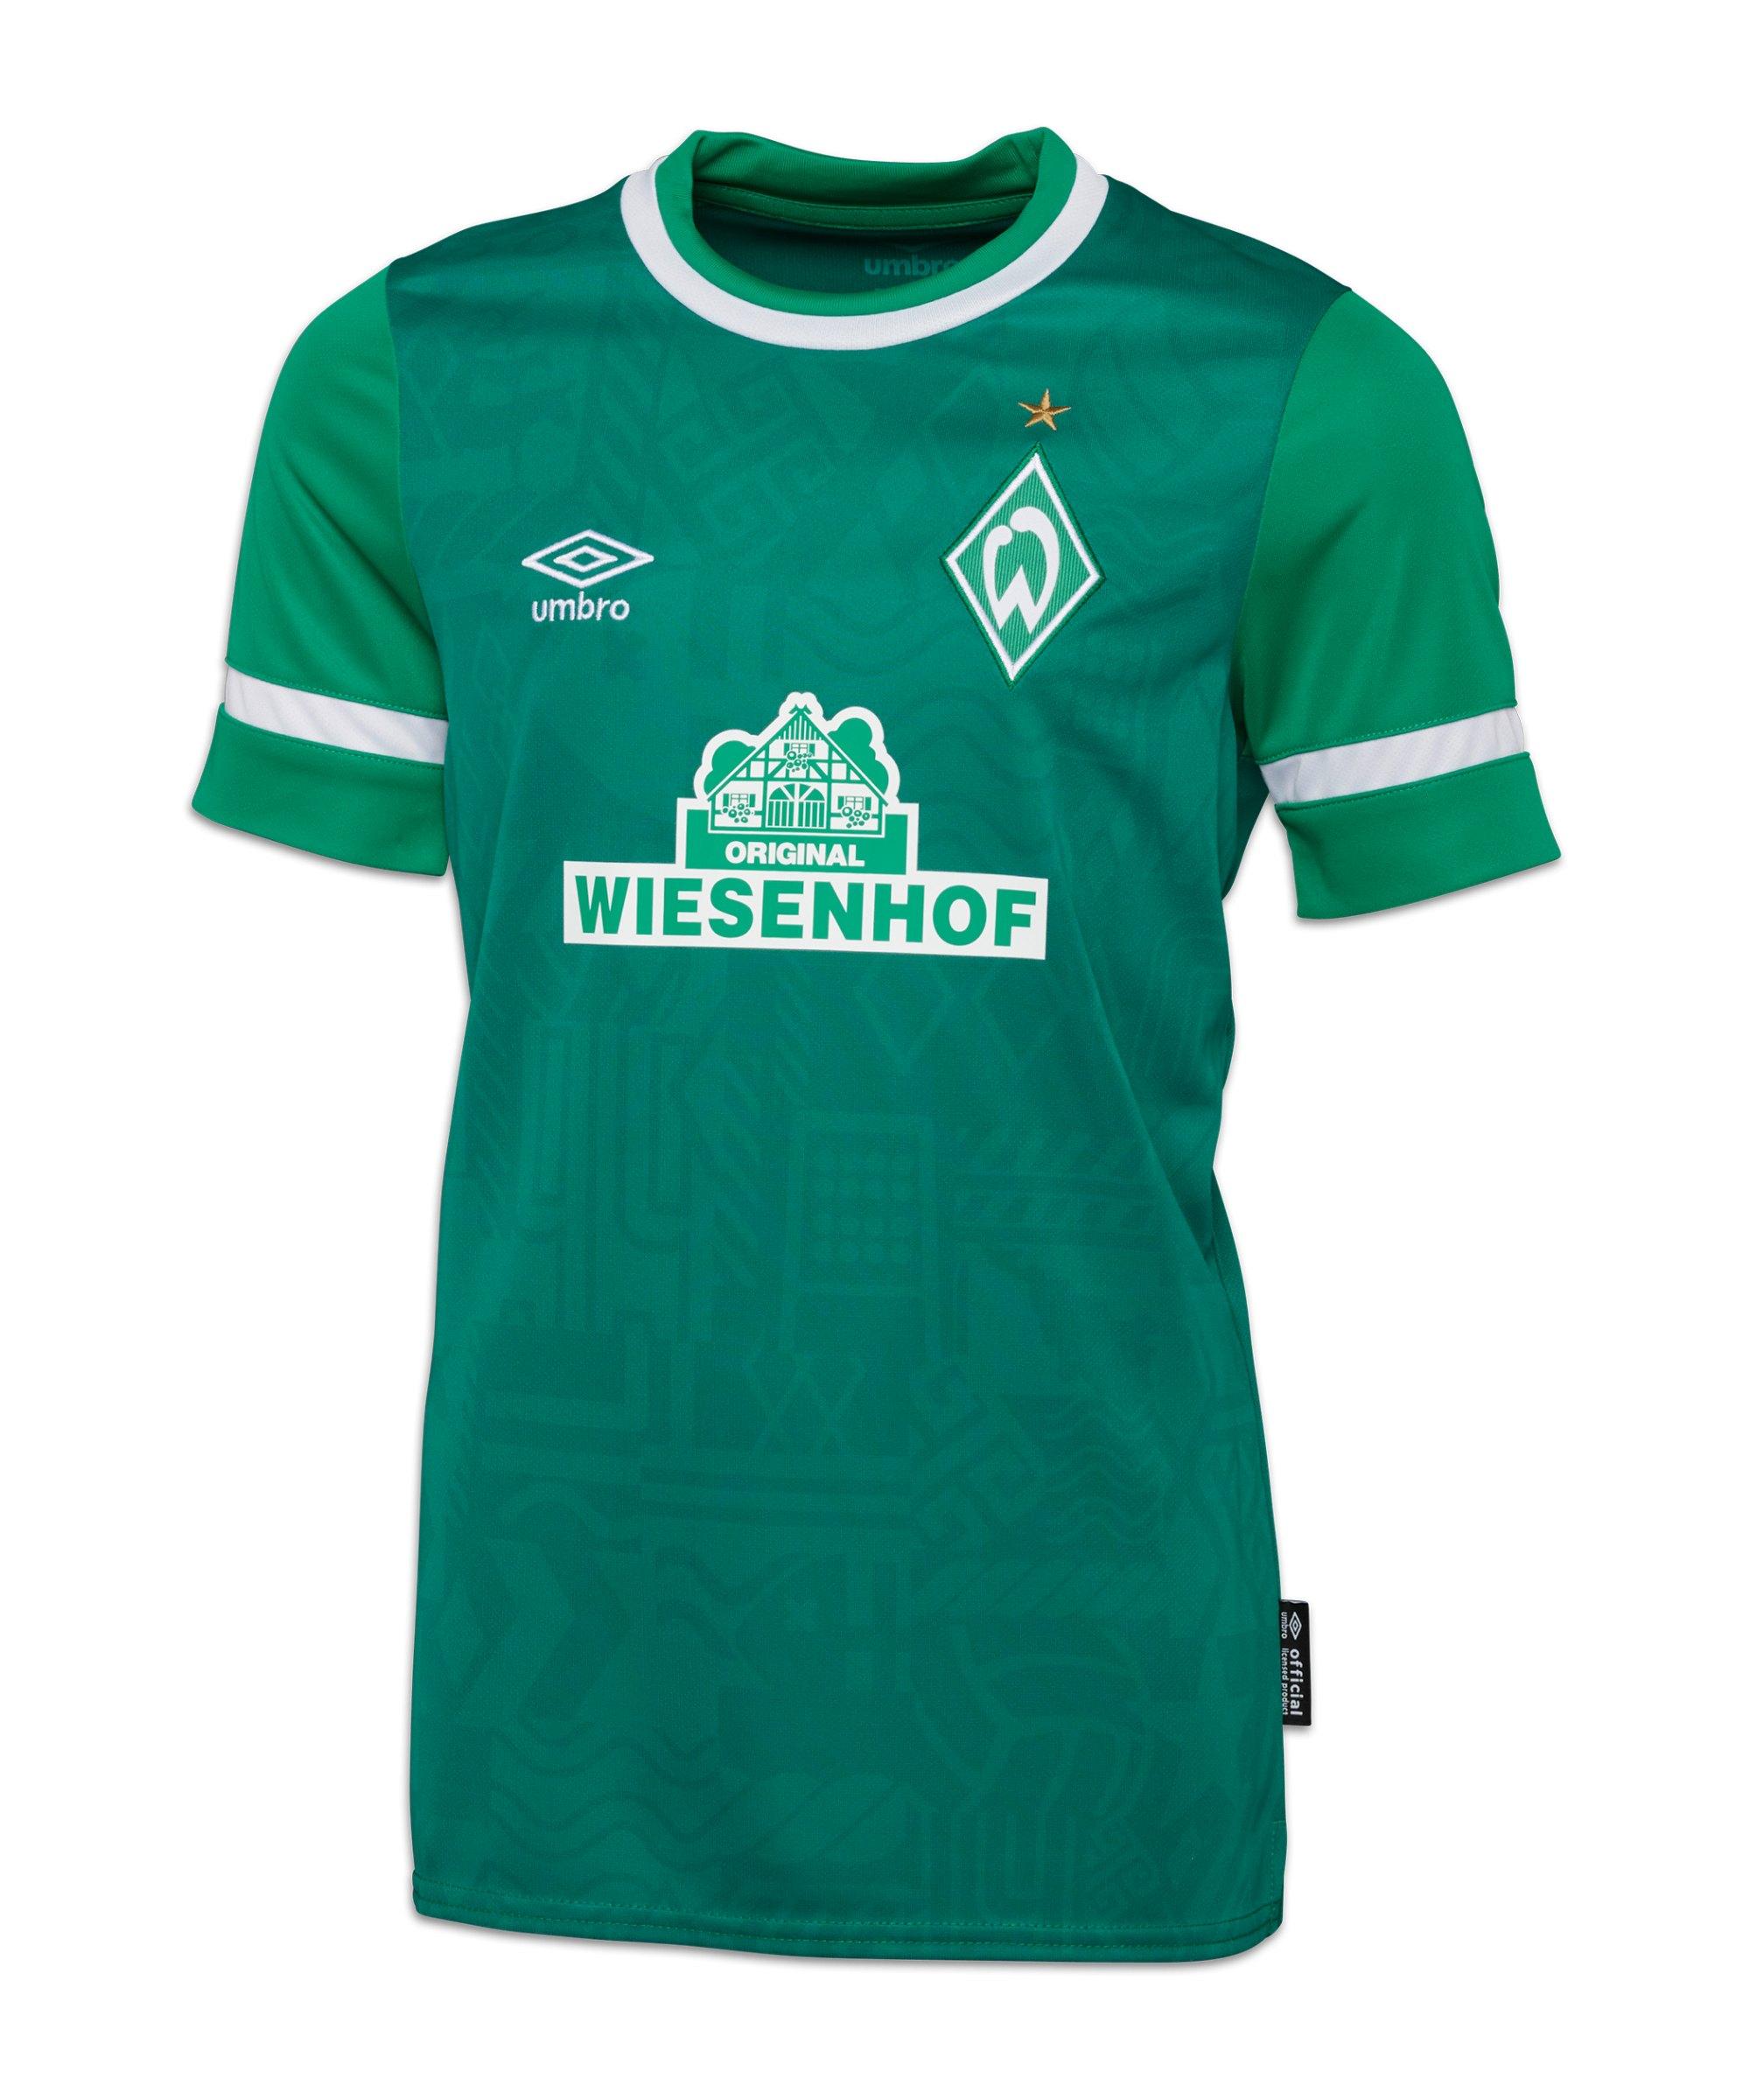 Umbro SV Werder Bremen Trikot Home 2021/2022 Kids Grün - gruen